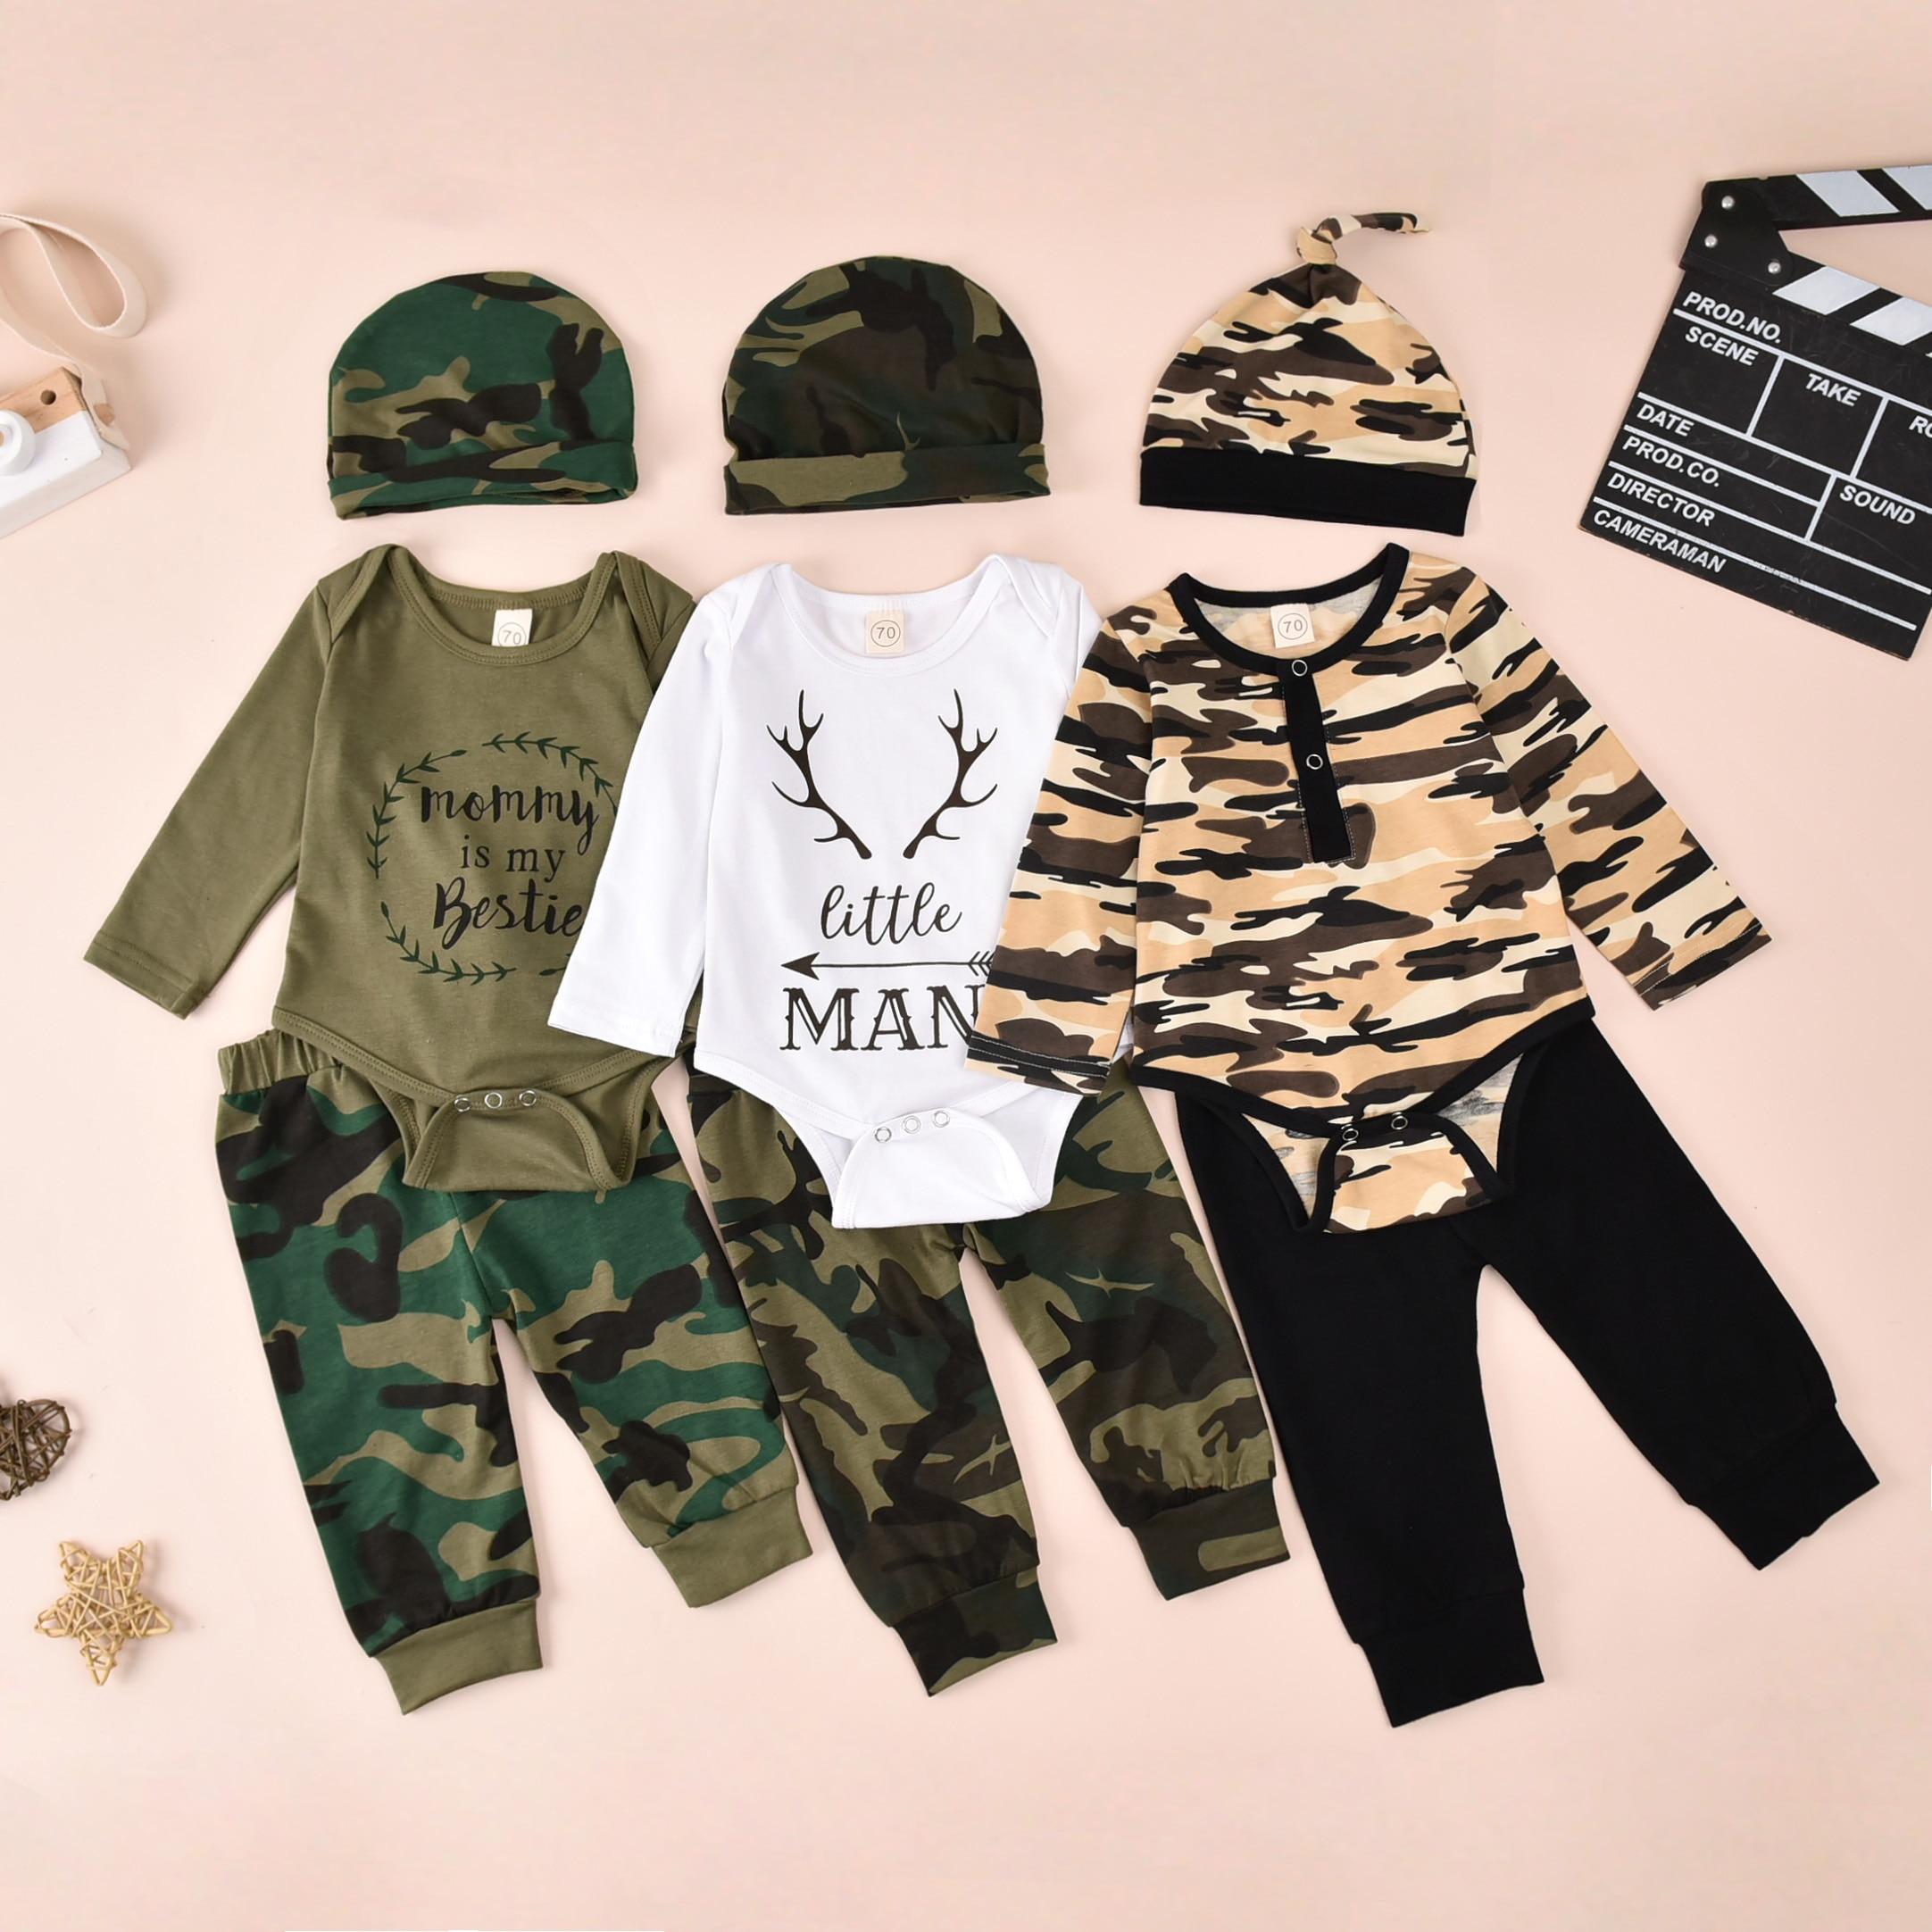 Mameluco de manga larga para bebé, pantalones, sombrero, diadema, estampado de camuflaje, cuello redondo clásico, trajes de primavera y Navidad, ropa de Navidad